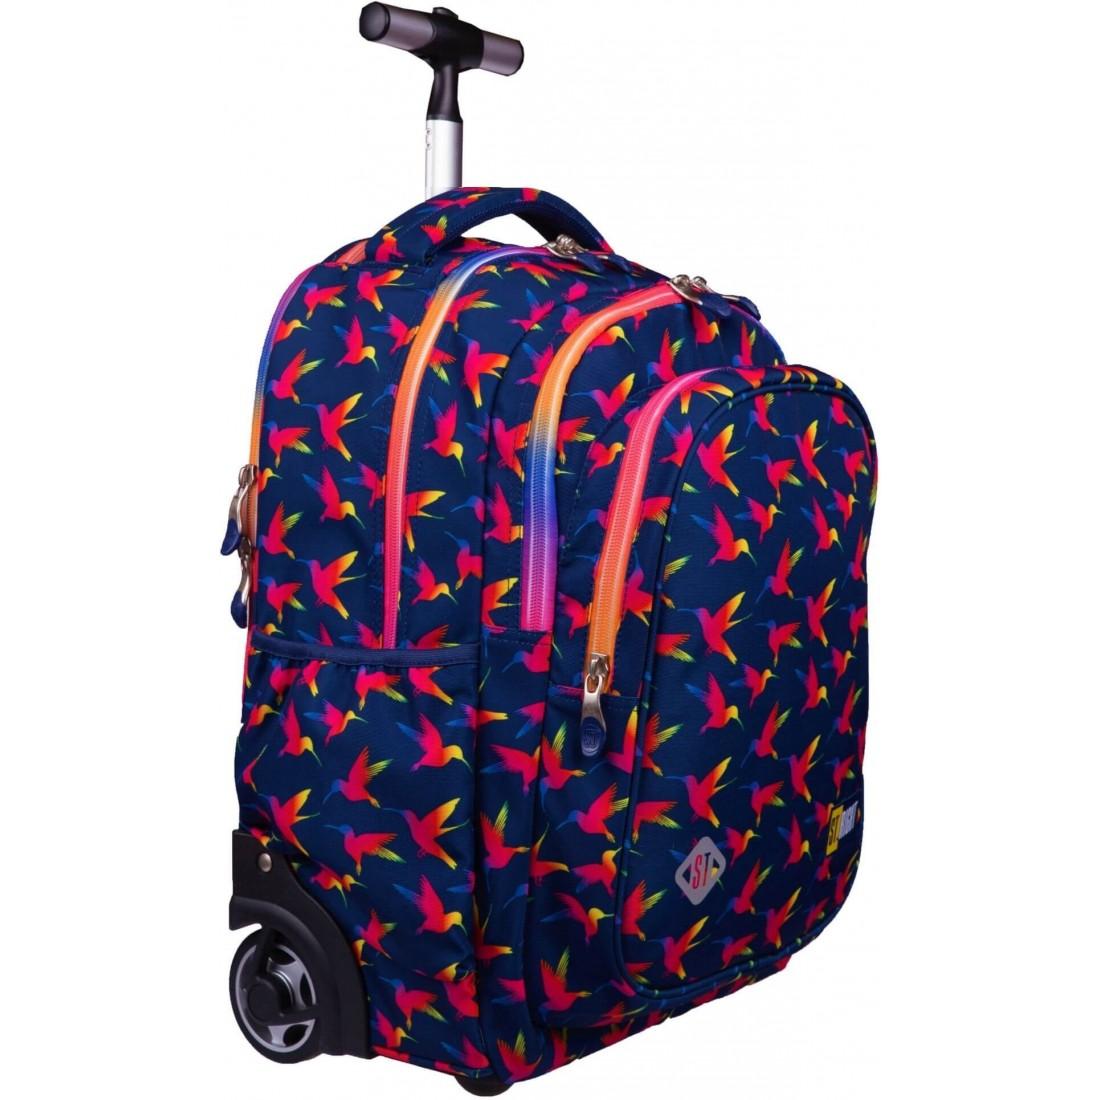 Kolorowy plecak młodzieżowy na kółkach ST.RIGHT Rainbow Birds tęczowe ptaki - plecak-tornister.pl